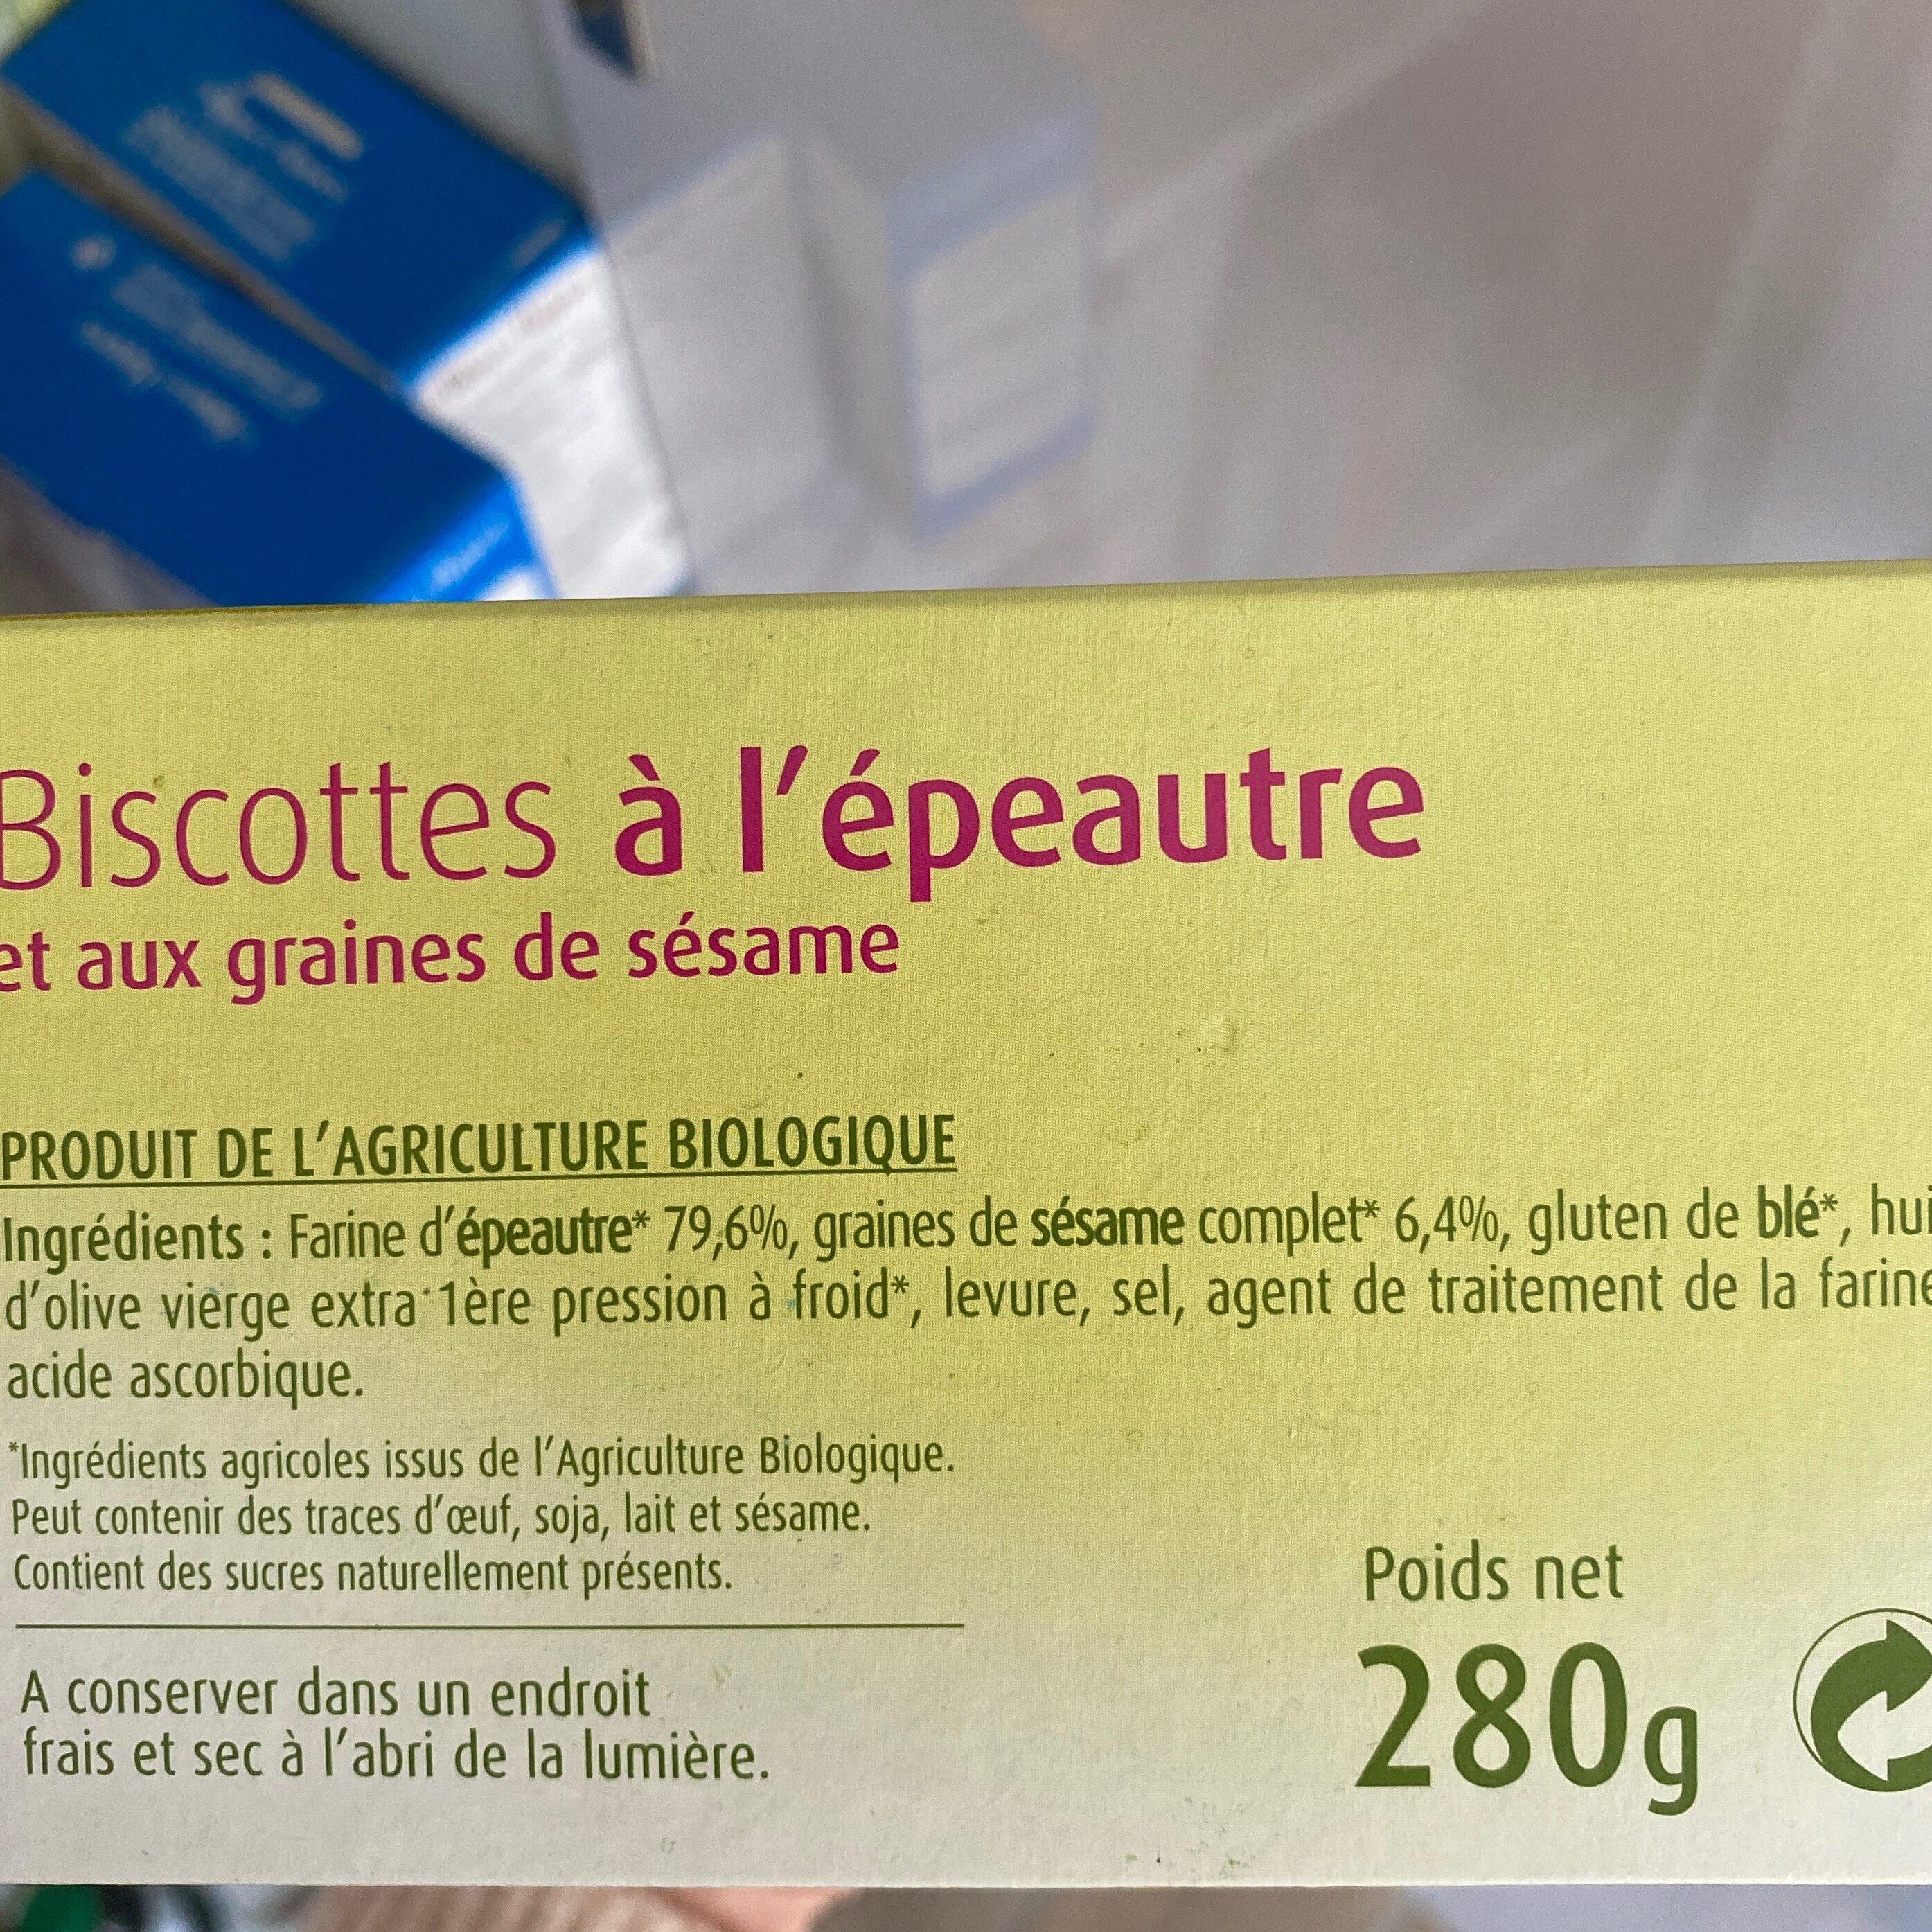 Biscottes à l'épeautre - Ingredients - fr